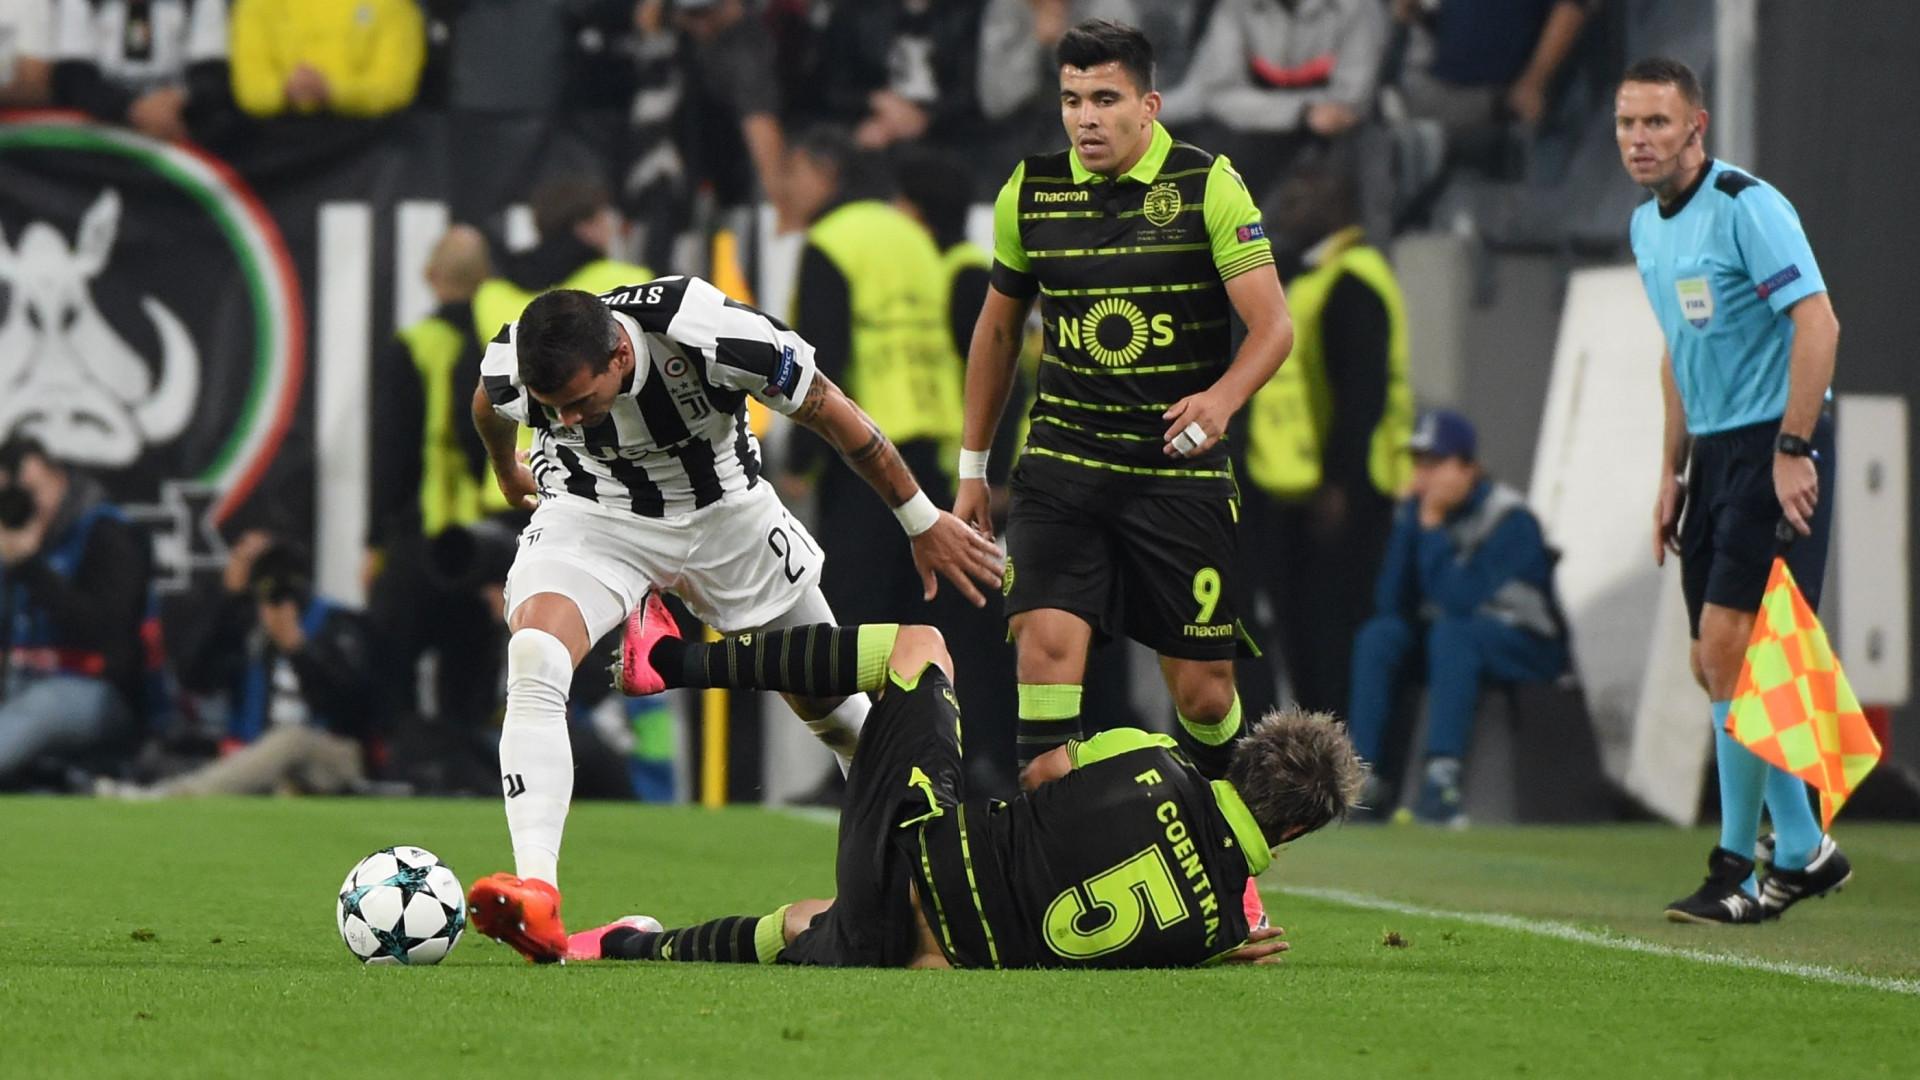 """A despedida de Sturaro: """"Dei tudo pelas cores bianconeri até ao fim"""""""